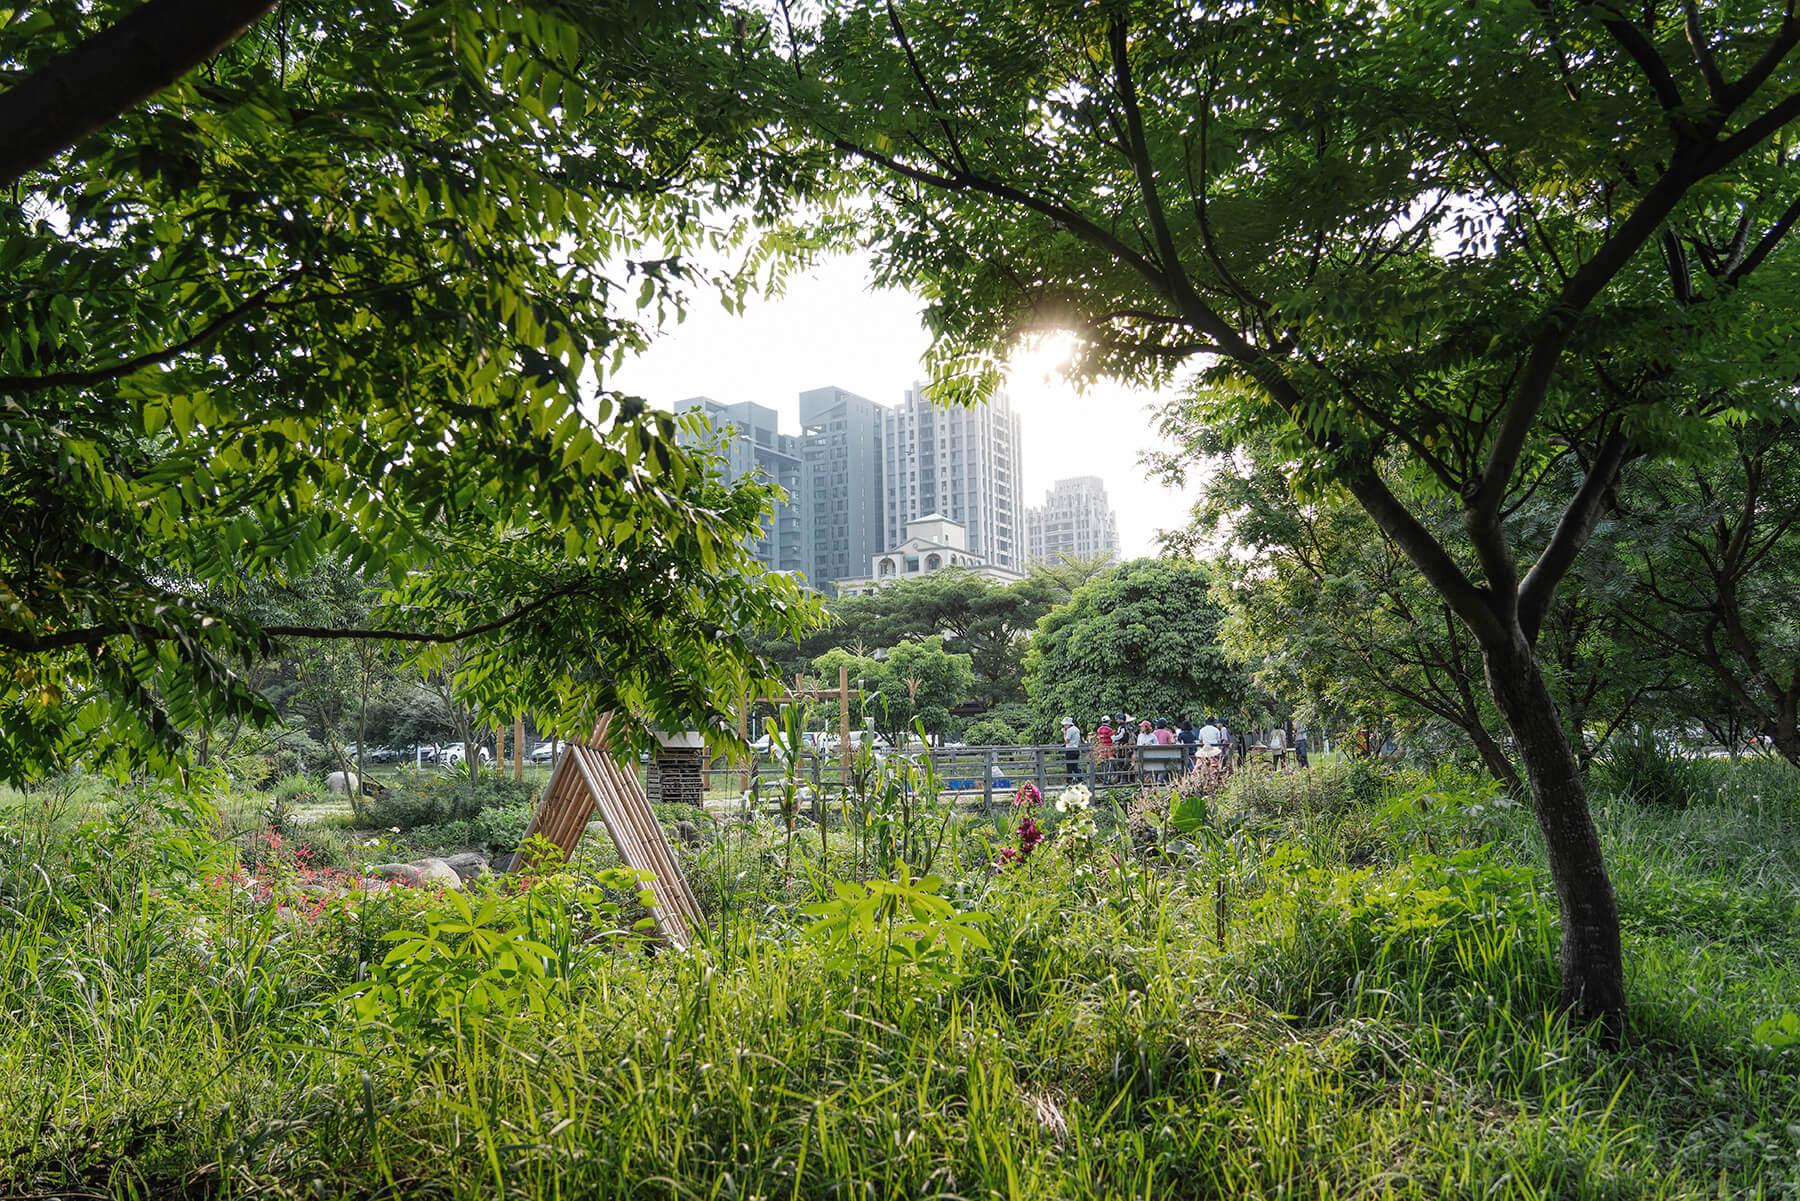 在水泥叢林中 共同擁抱一處可食綠意:梧桐基金會x食物森林